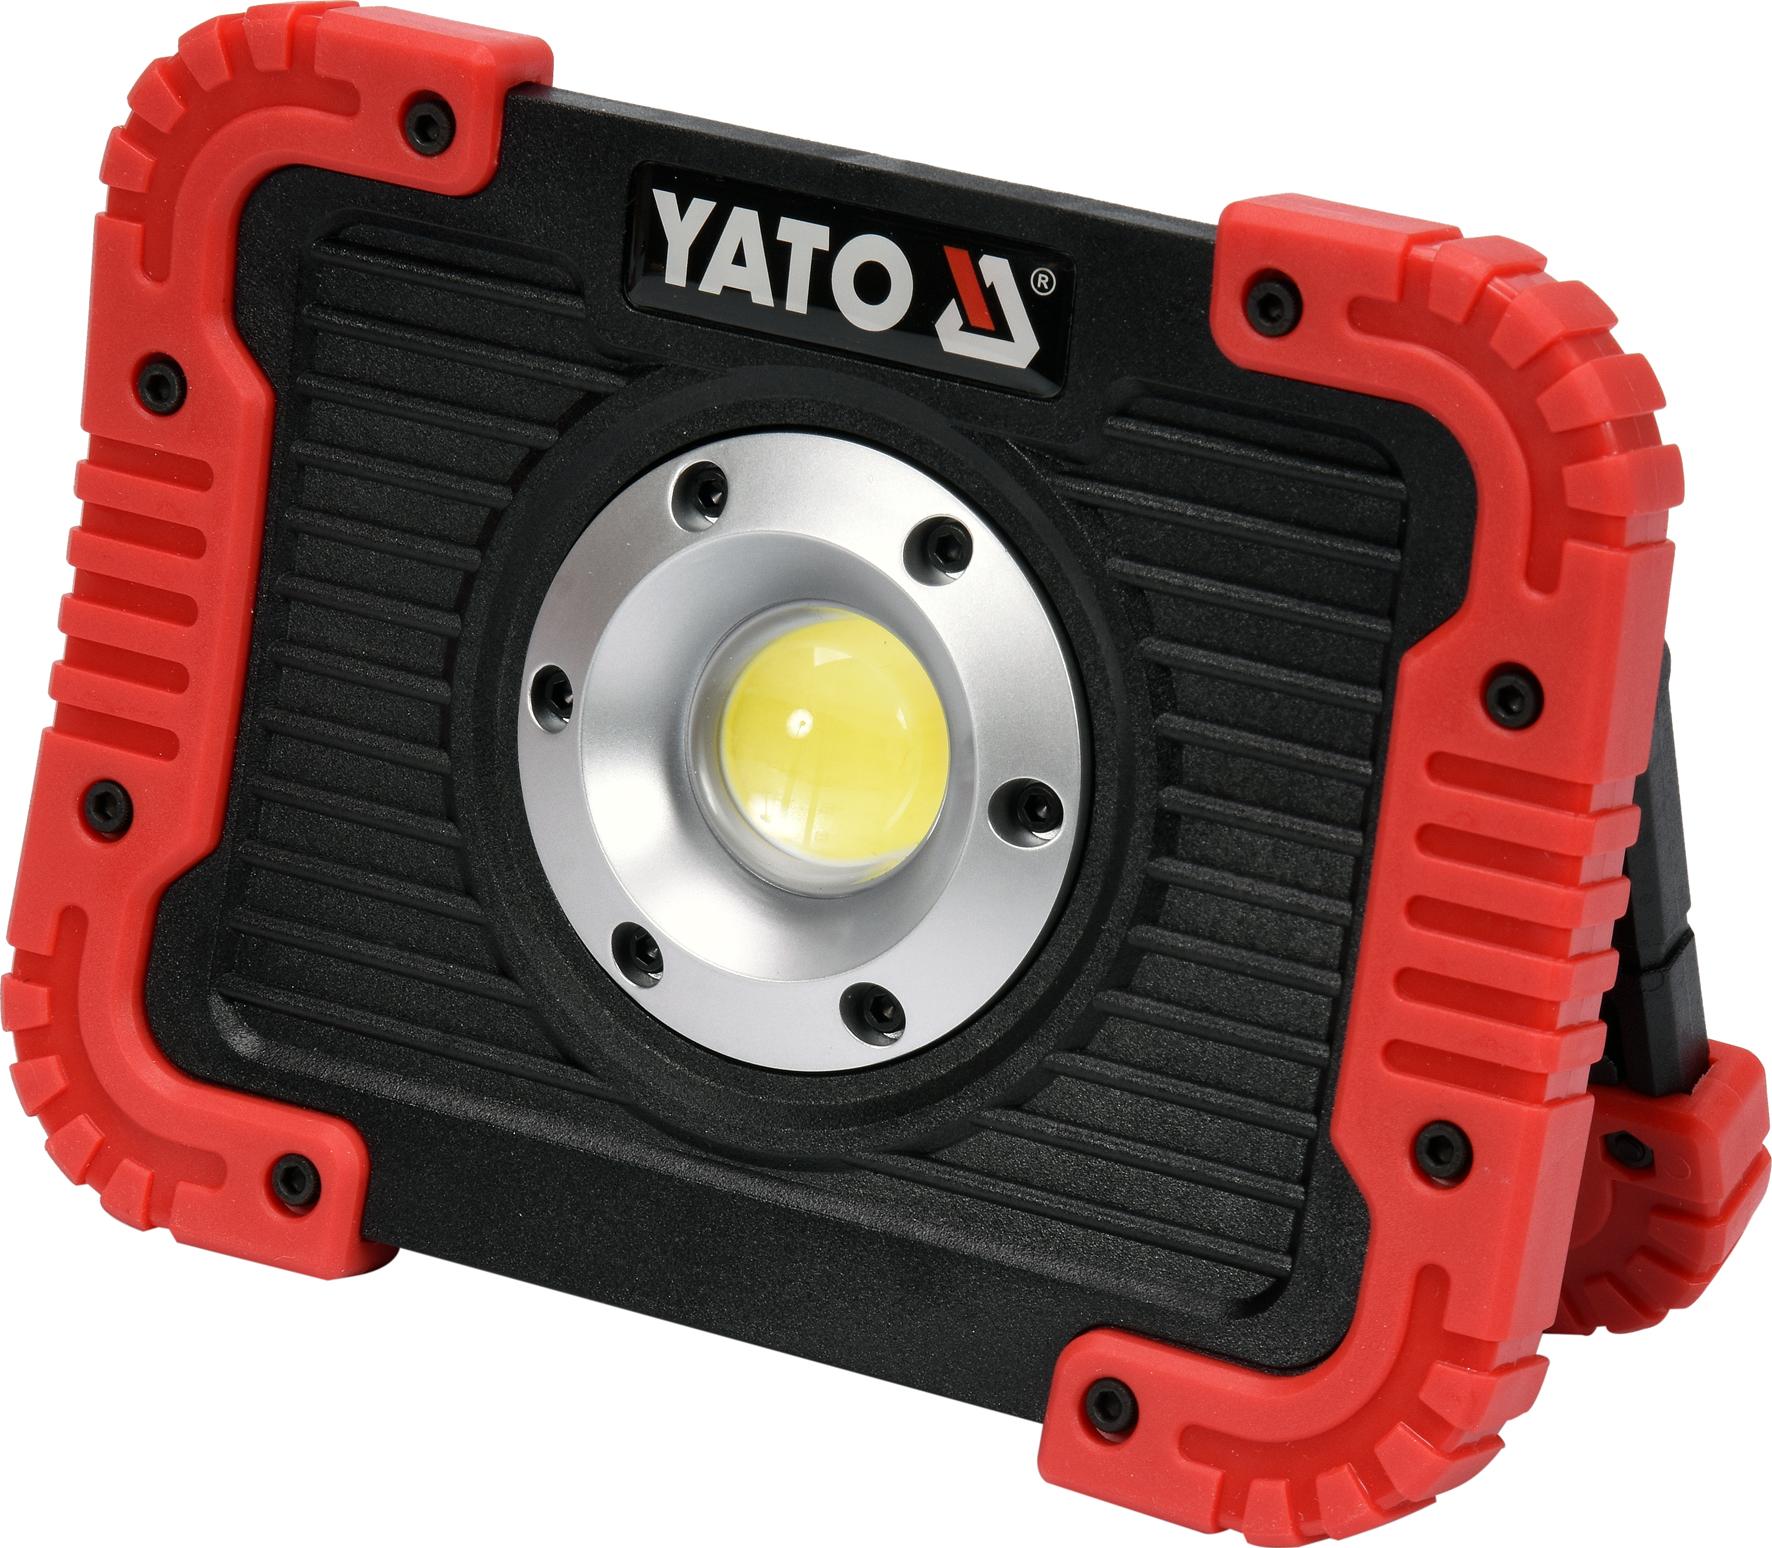 Nabíjecí COB LED 10W svítilna a powerbanka, YATO